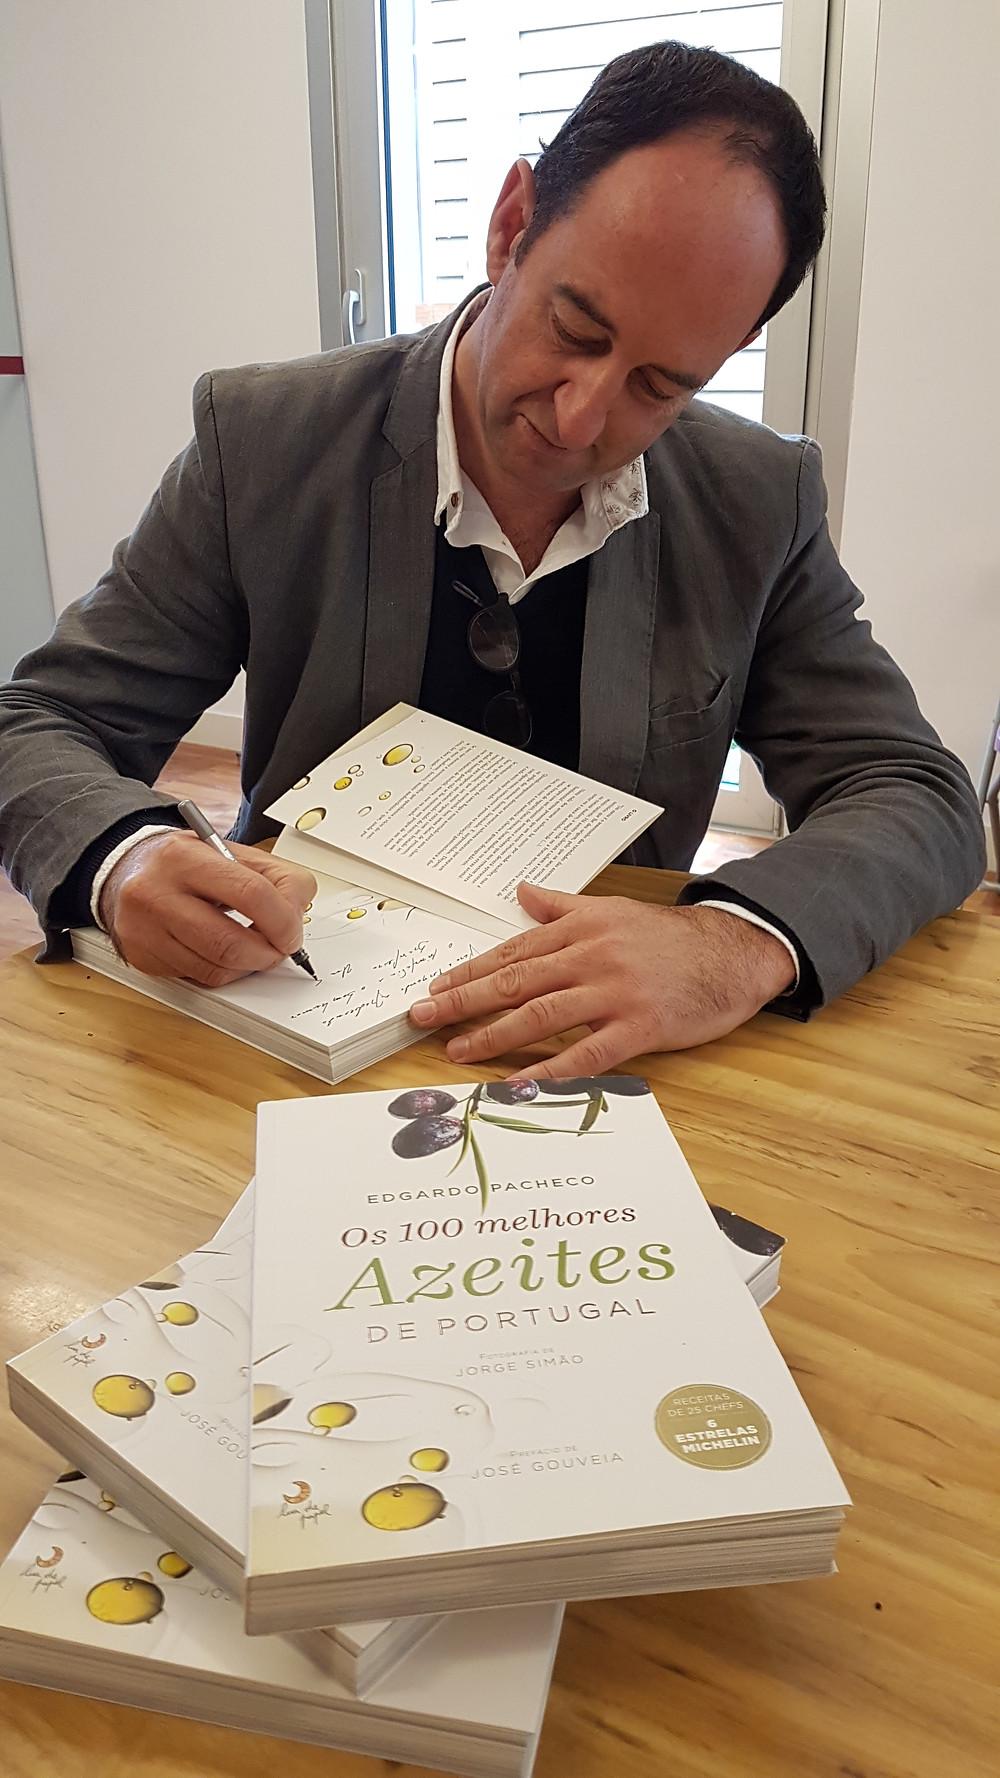 Edgardo Pacheco em tarde de autógrafos de seu livro.